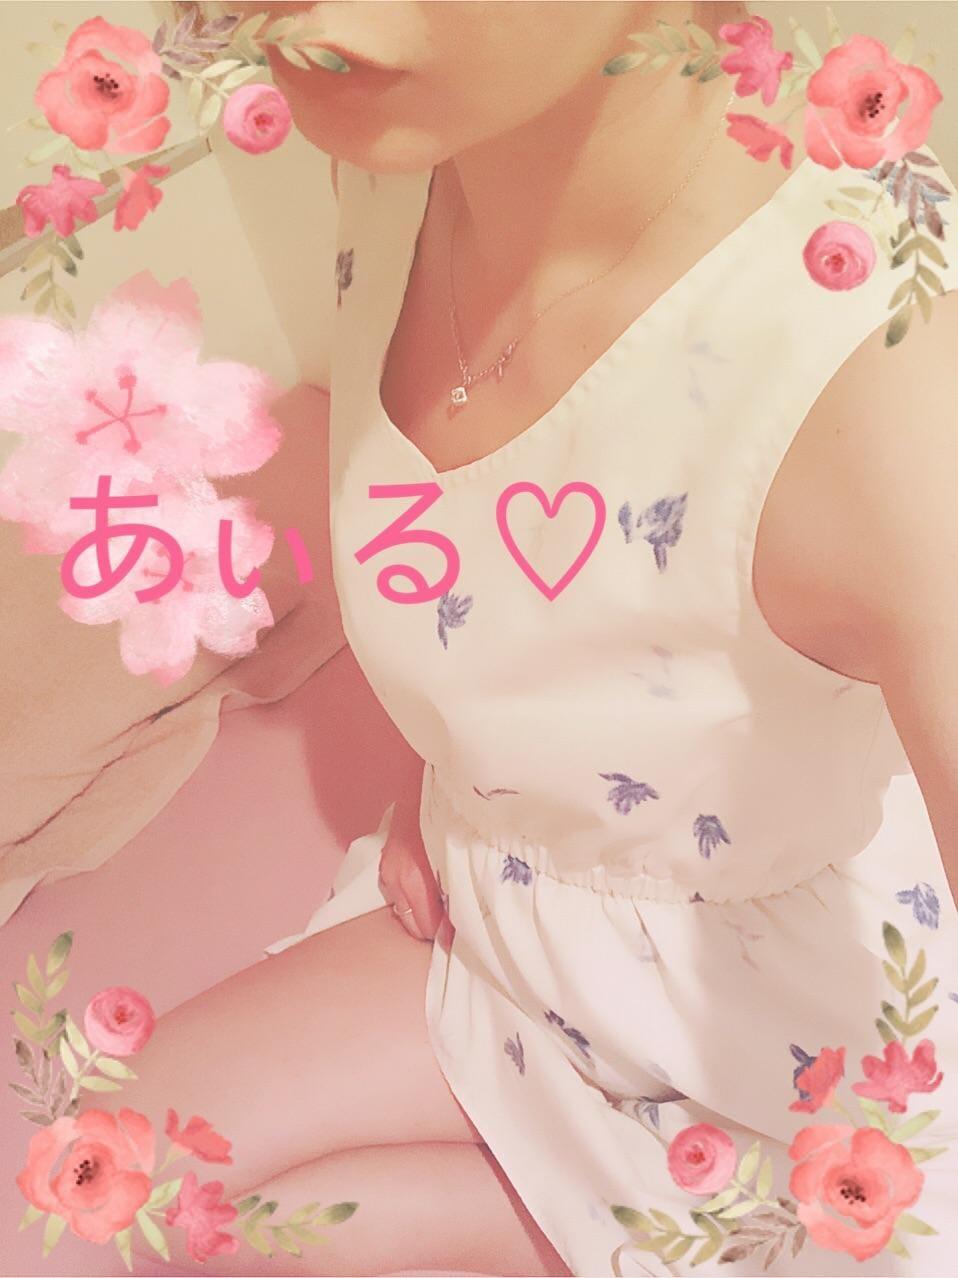 「おはようございます♡」10/15(月) 10:15 | あいるの写メ・風俗動画